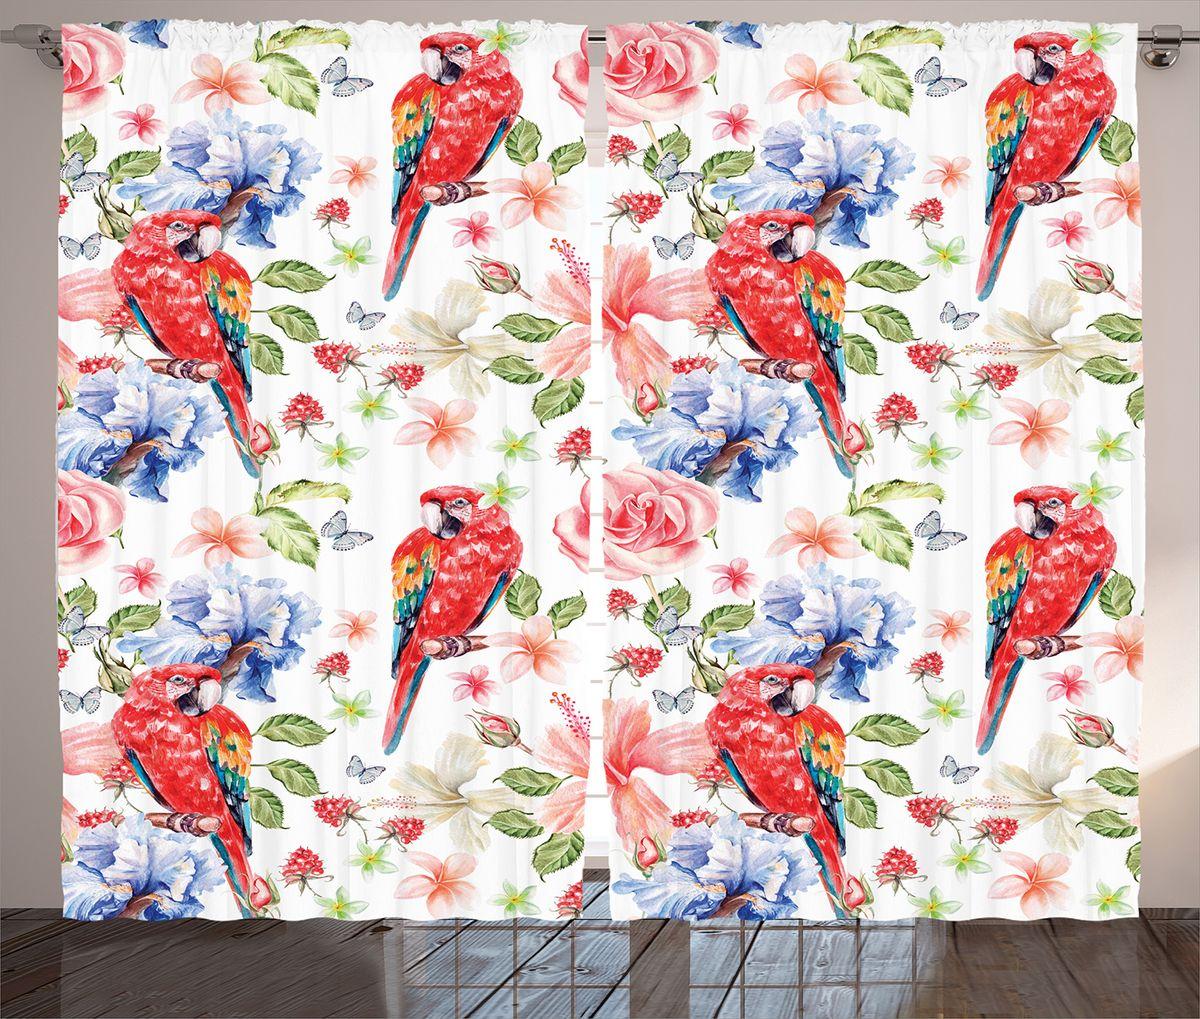 Комплект фотоштор Magic Lady Красные попугаи, цветы и ягоды, на ленте, высота 265 см. шсг_14973шсг_14973Компания Сэмболь изготавливает шторы из высококачественного сатена (полиэстер 100%). При изготовлении используются специальные гипоаллергенные чернила для прямой печати по ткани, безопасные для человека и животных. Экологичность продукции Magic lady и безопасность для окружающей среды подтверждены сертификатом Oeko-Tex Standard 100. Крепление: крючки для крепления на шторной ленте (50 шт). Возможно крепление на трубу. Внимание! При нанесении сублимационной печати на ткань технологическим методом при температуре 240°С, возможно отклонение полученных размеров (указанных на этикетке и сайте) от стандартных на + - 3-5 см. Производитель старается максимально точно передать цвета изделия на фотографиях, однако искажения неизбежны и фактический цвет изделия может отличаться от воспринимаемого по фото. Обратите внимание! Шторы изготовлены из полиэстра сатенового переплетения, а не из сатина (хлопок). Размер одного полотна шторы: 145х265 см. В комплекте 2...